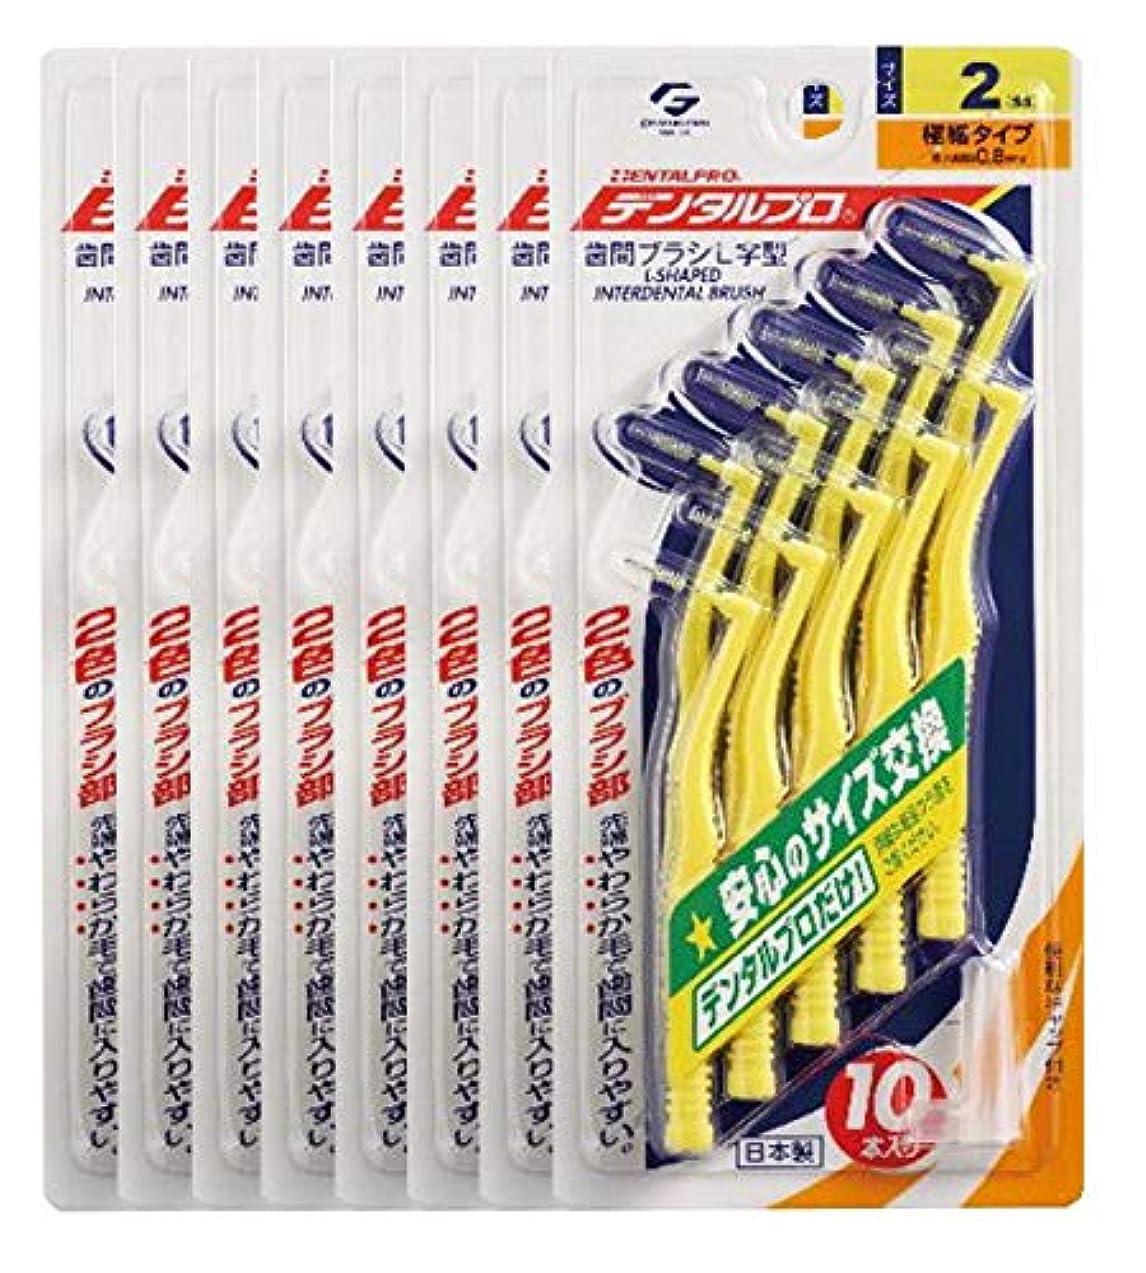 モス褒賞広がりデンタルプロ 歯間ブラシ L字型 10本入 サイズ 2 (SS) × 8個セット